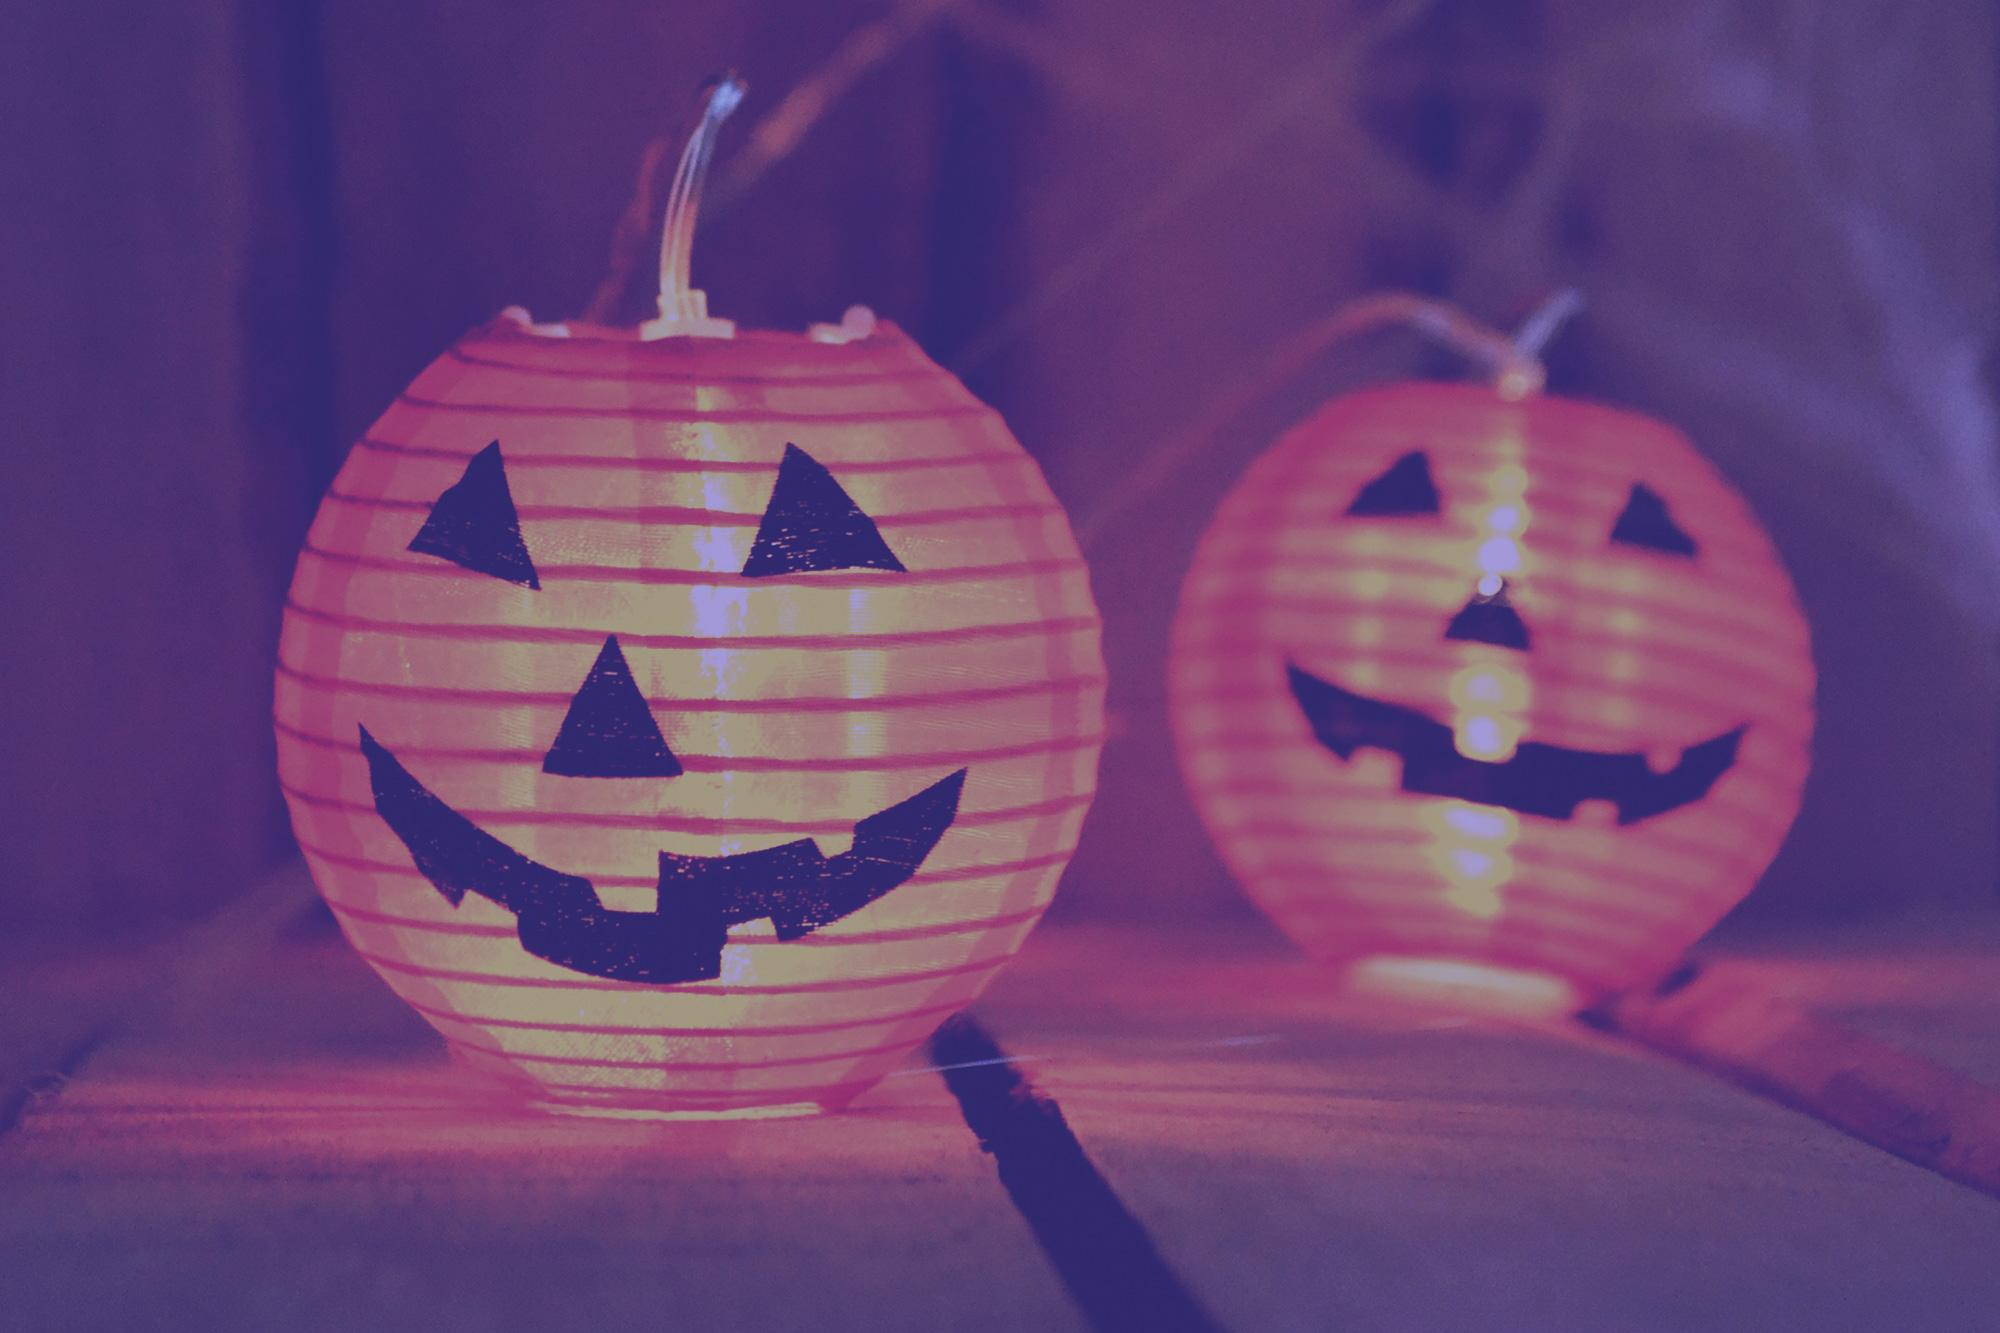 Vocabulario útil para hablar sobre el miedo en halloween